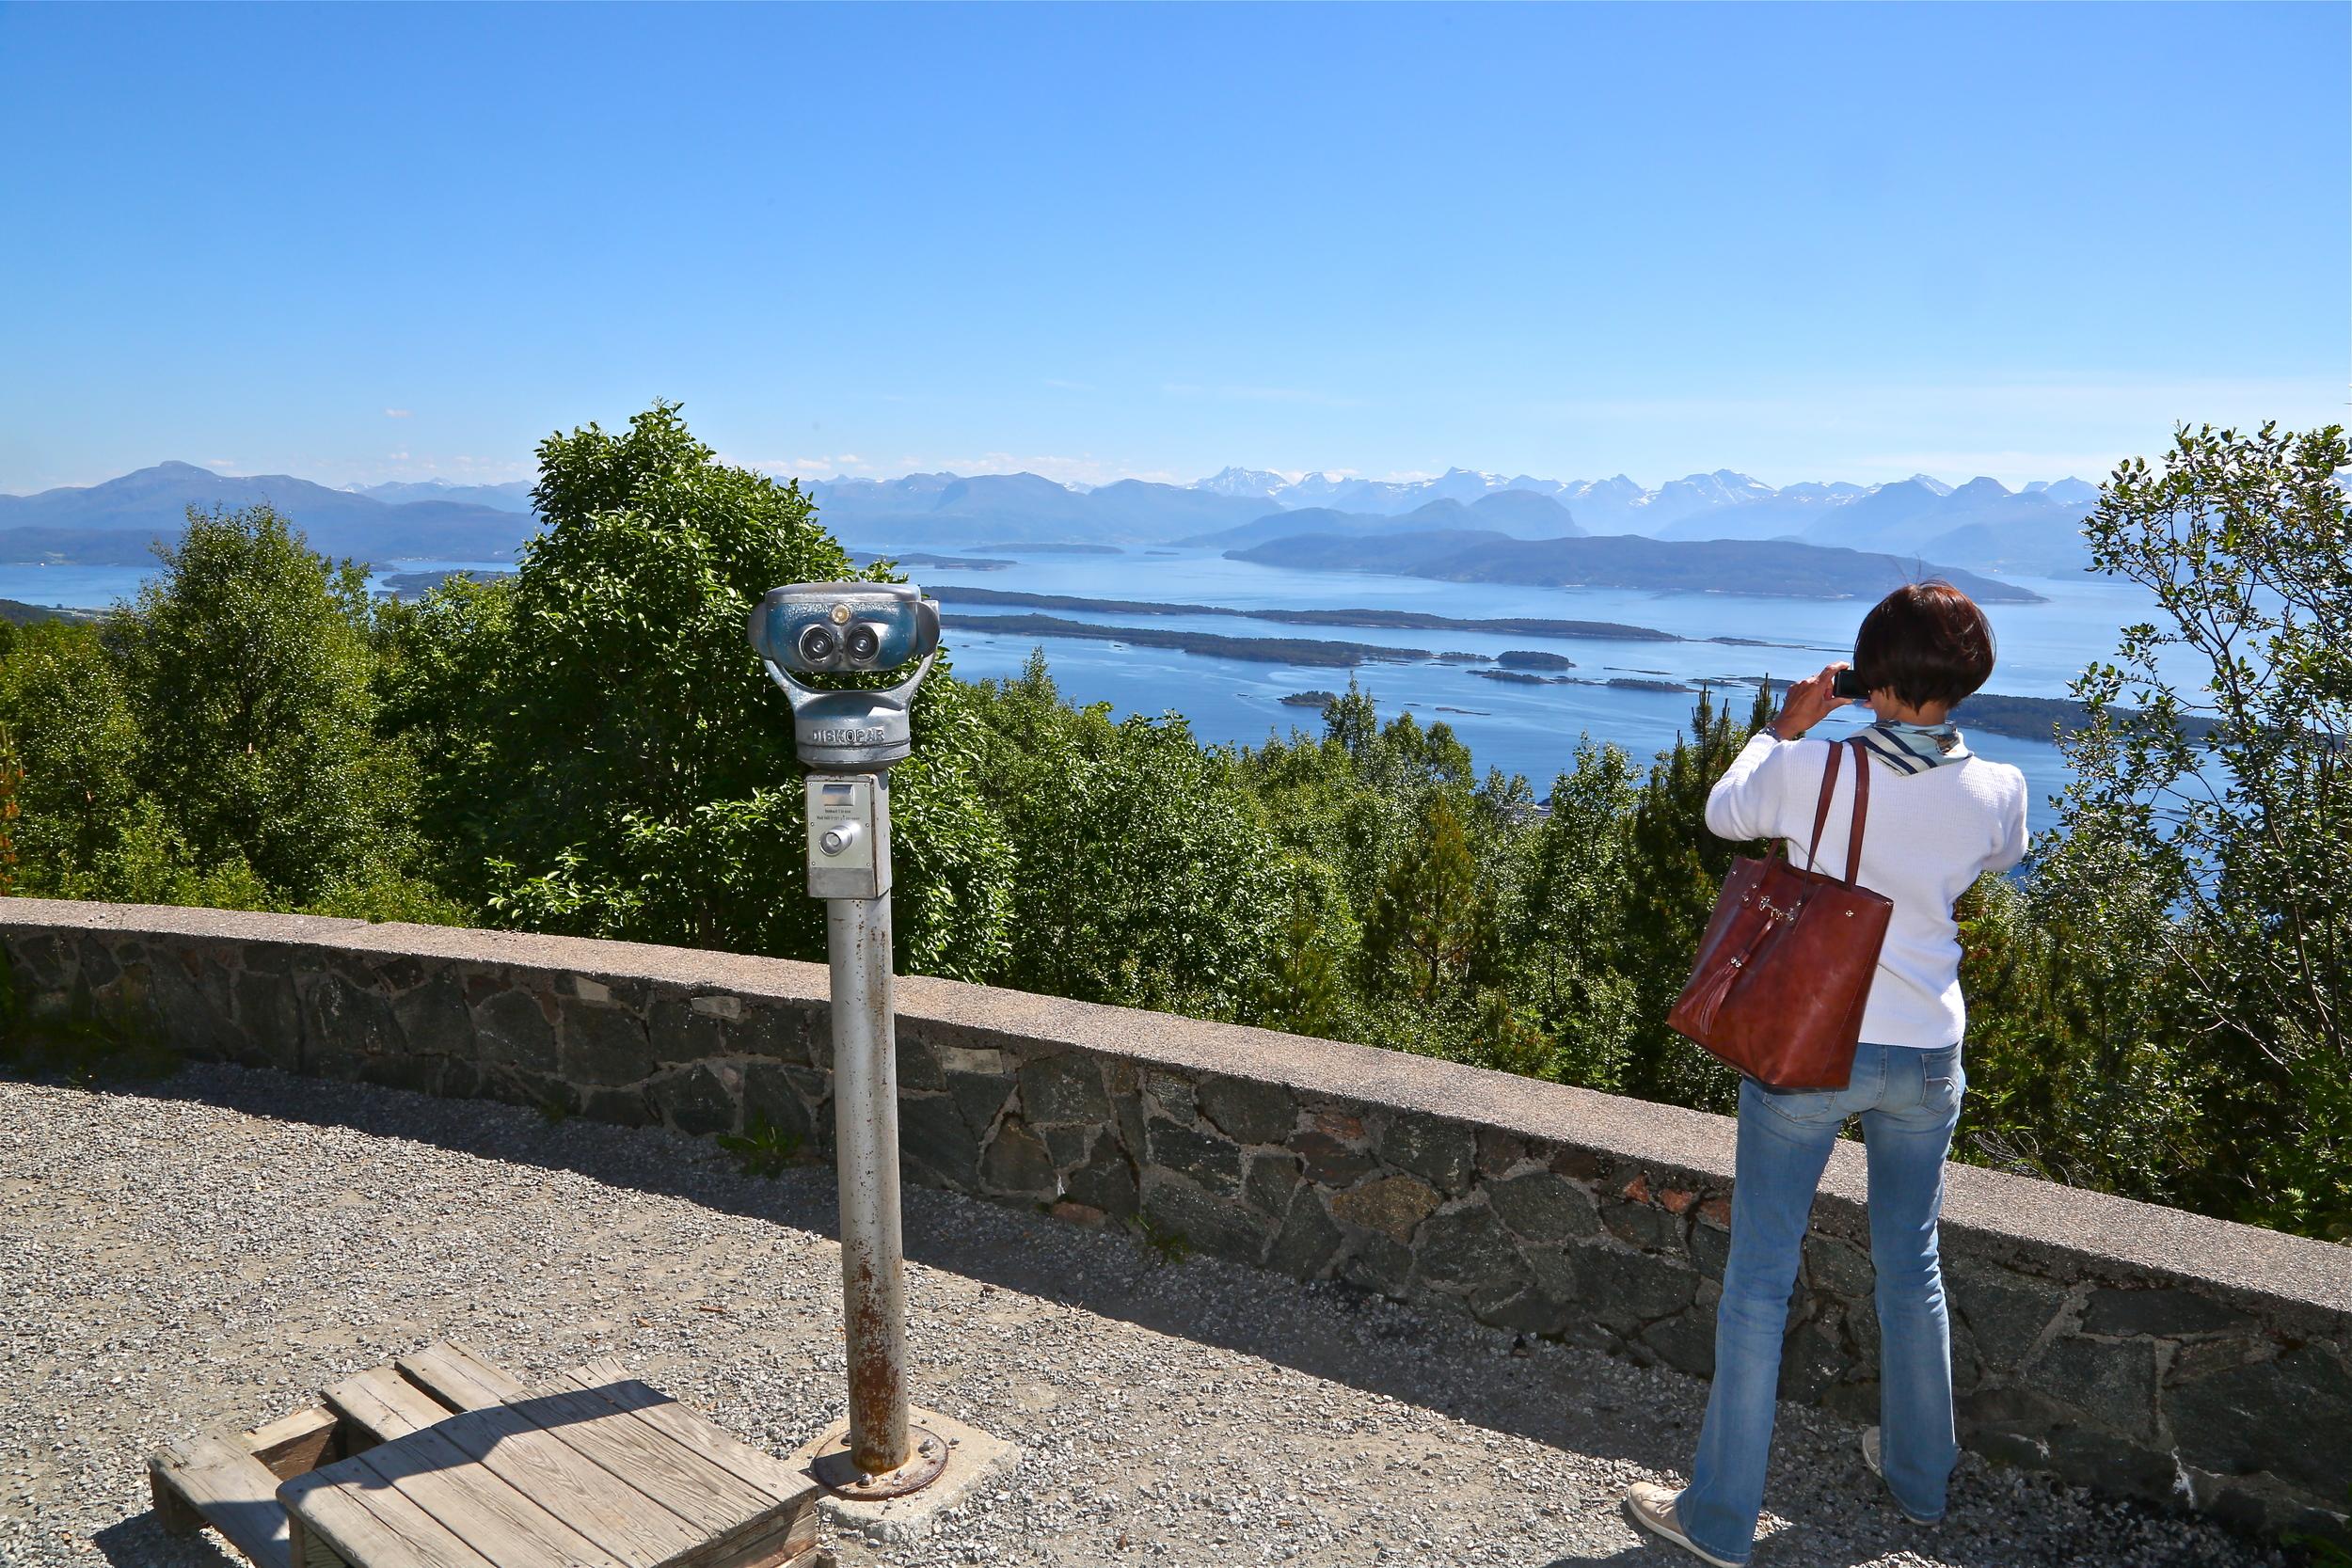 Denne turisten jaker på utsikt. Men fant ingen. Foto: Odd Roar Lange